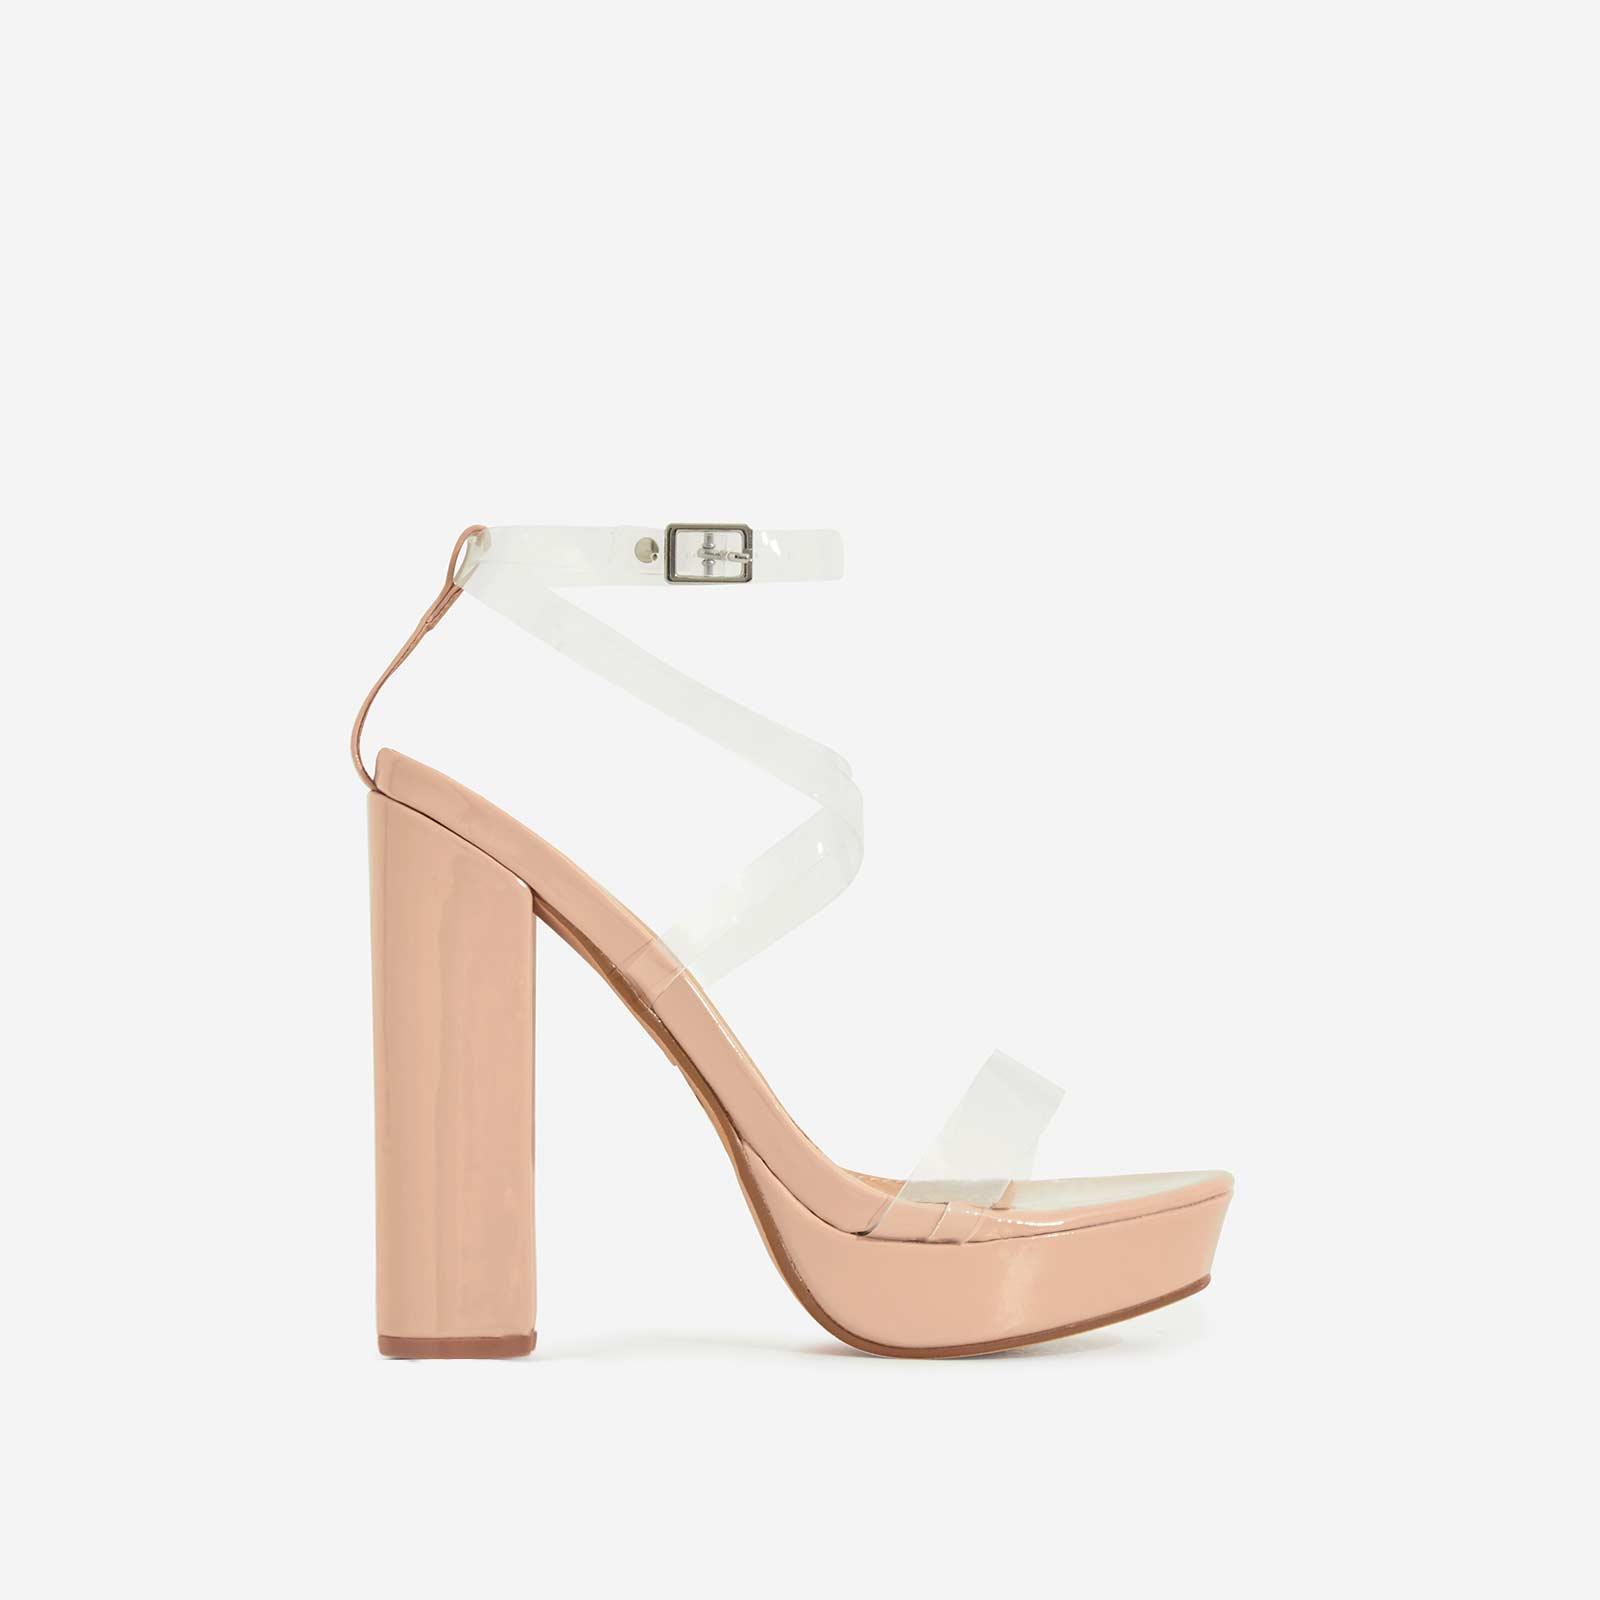 257604e0789 Women's Platform High Heels & Sandals | EGO